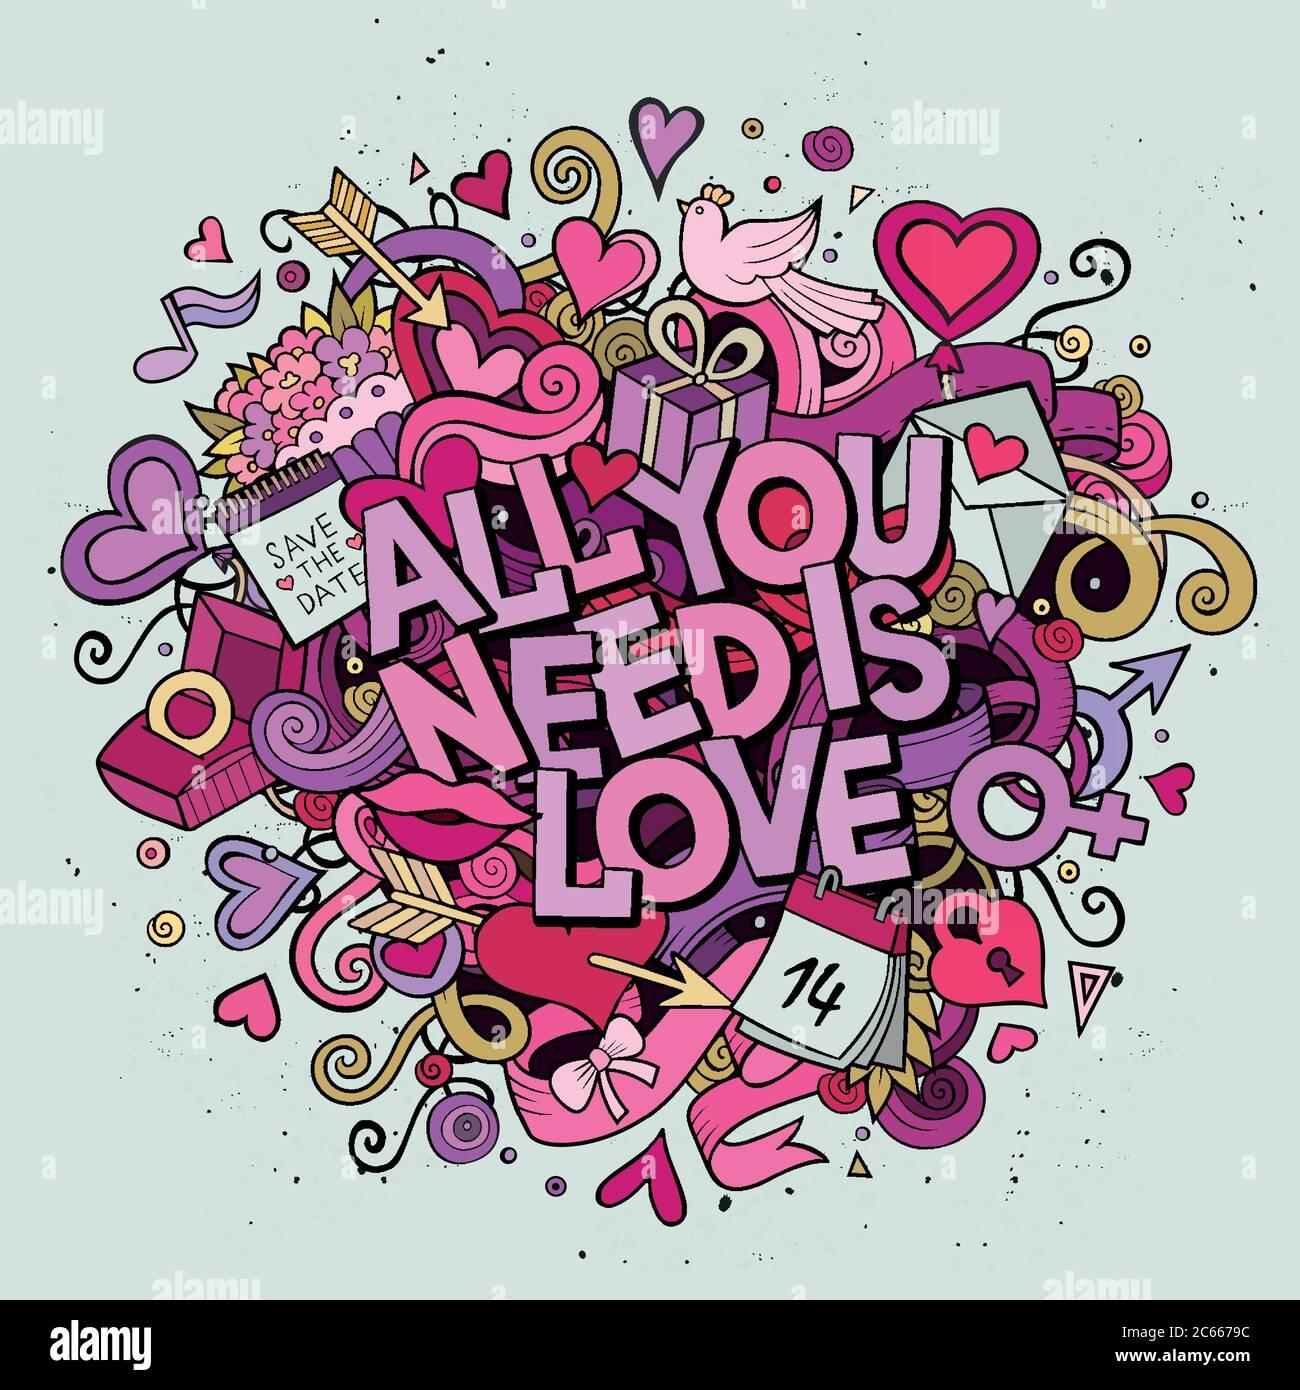 Dessin animé vecteur Doodle dessiné à la main tout ce dont vous avez besoin est Amour Illustration de Vecteur